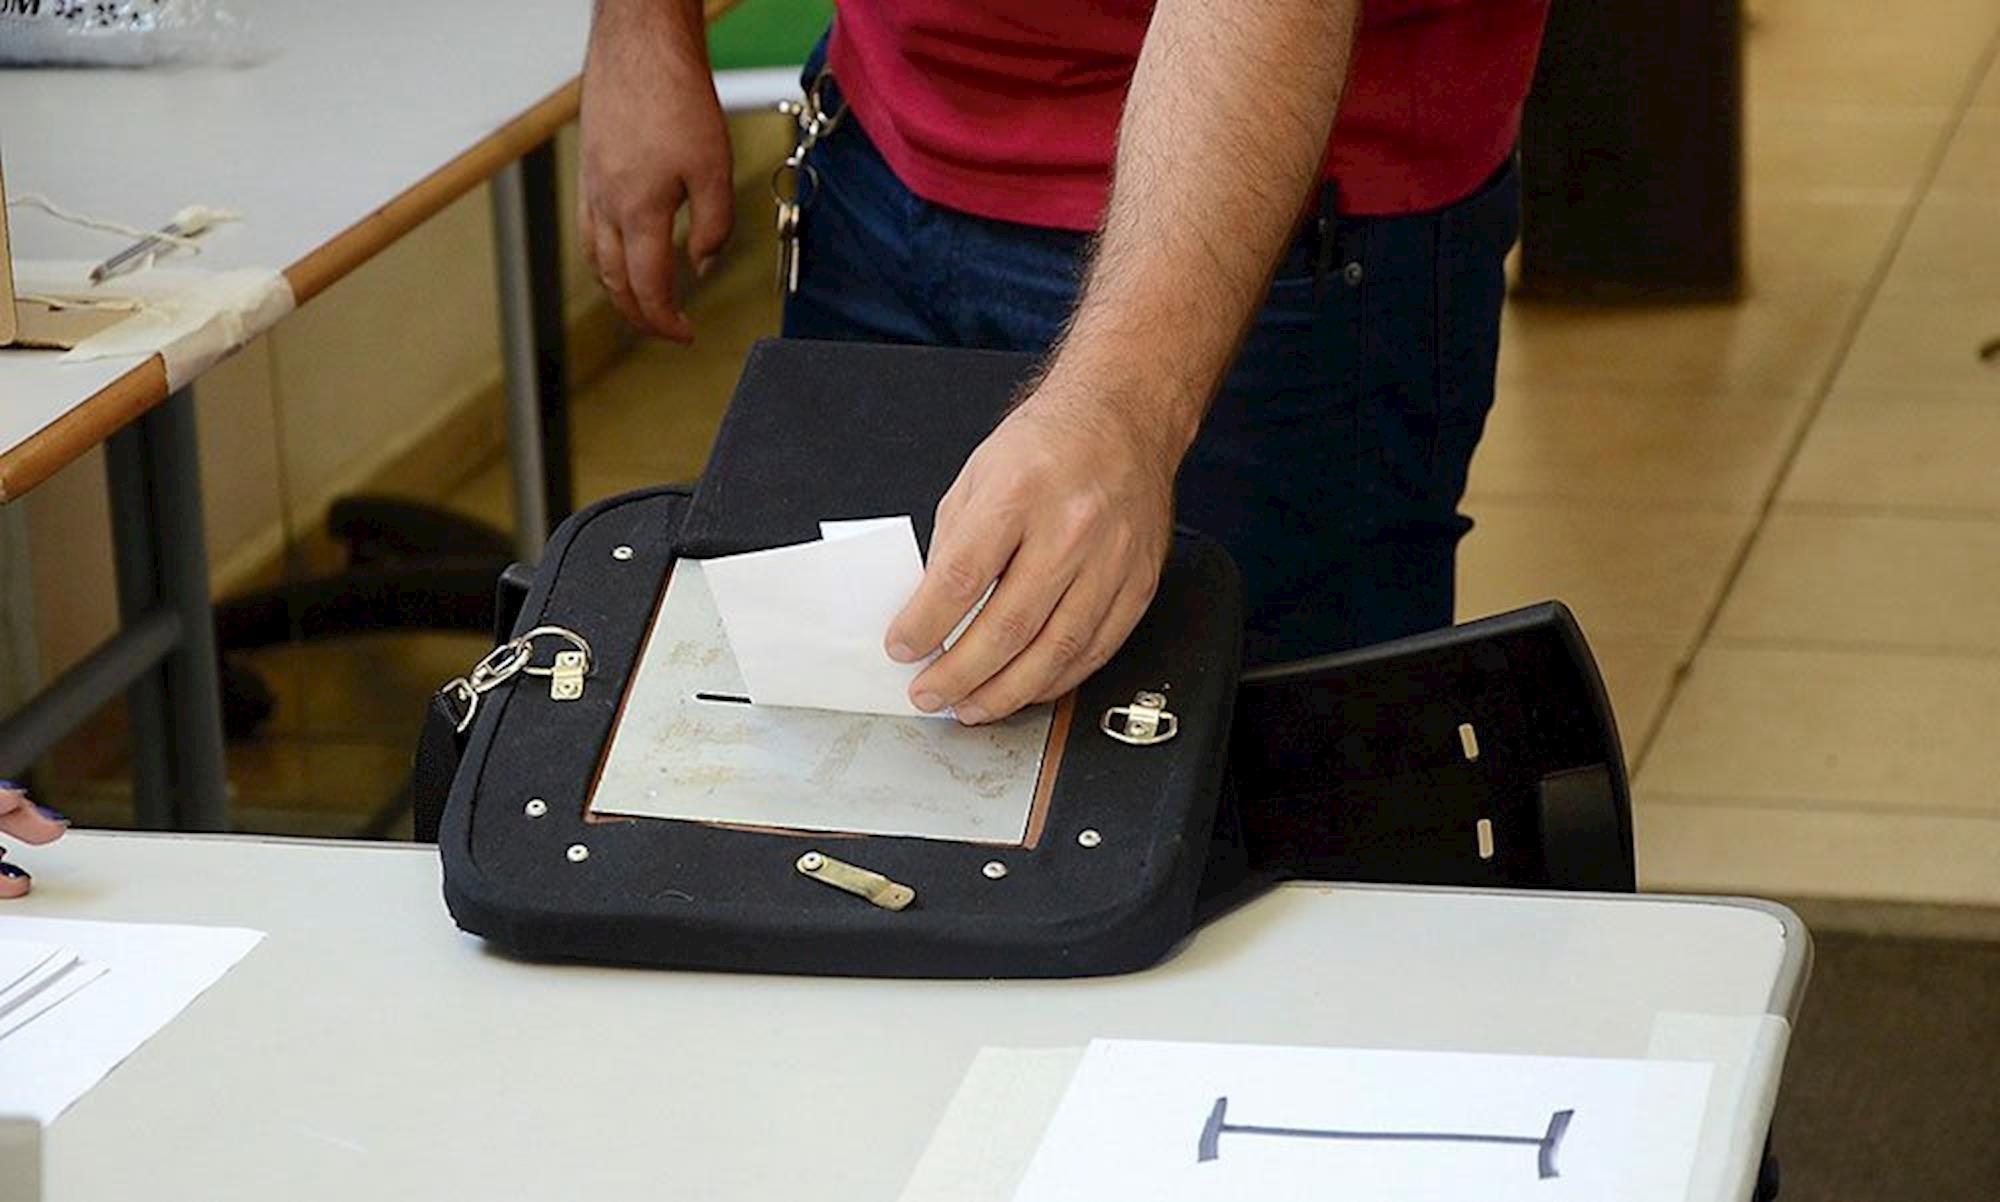 eleição, sindical, smetal,, Arquivo/ Vagner Santos